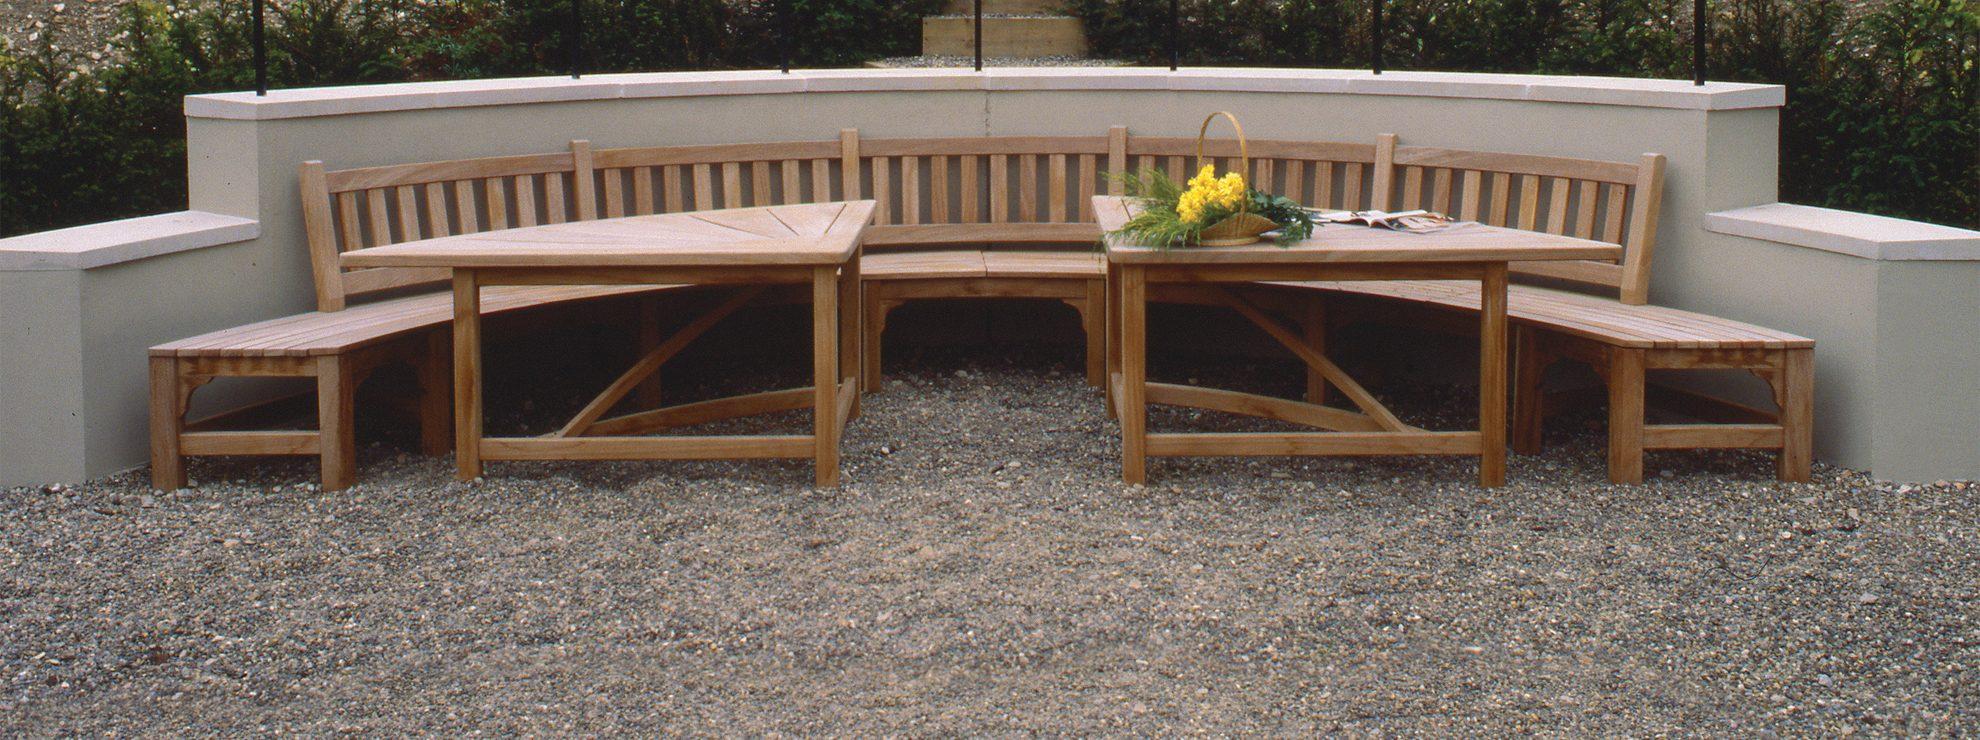 Excellent Bespoke Garden Furniture Manufacturers Woodcraft Uk Beatyapartments Chair Design Images Beatyapartmentscom